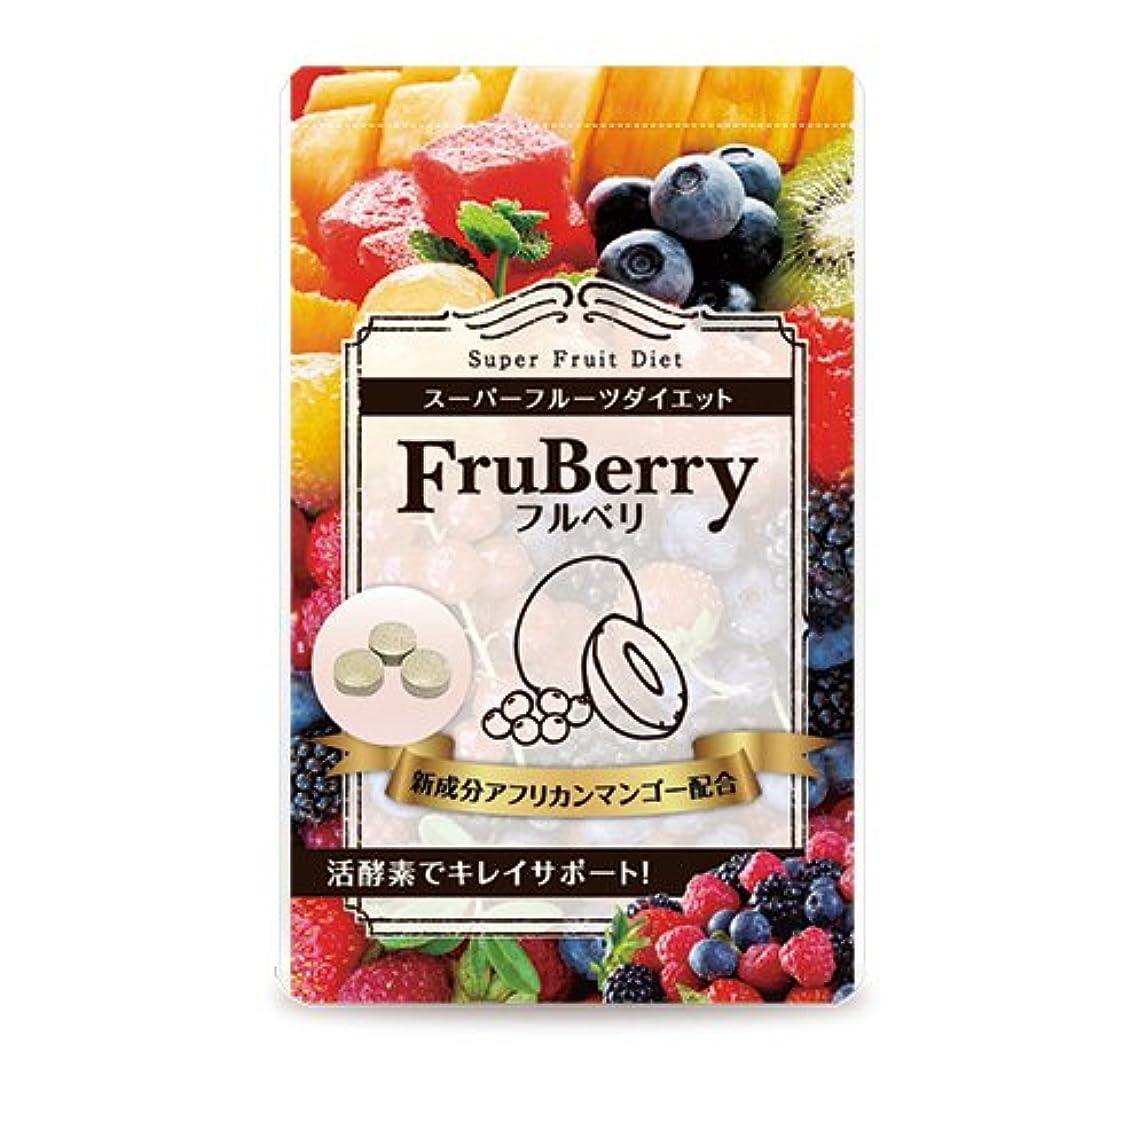 離婚フレキシブル松フルベリ 5袋セット 約150日分 FruBerry アフリカンマンゴー ベリー類 乳酸菌のサプリ 賞味期限間近のため半額